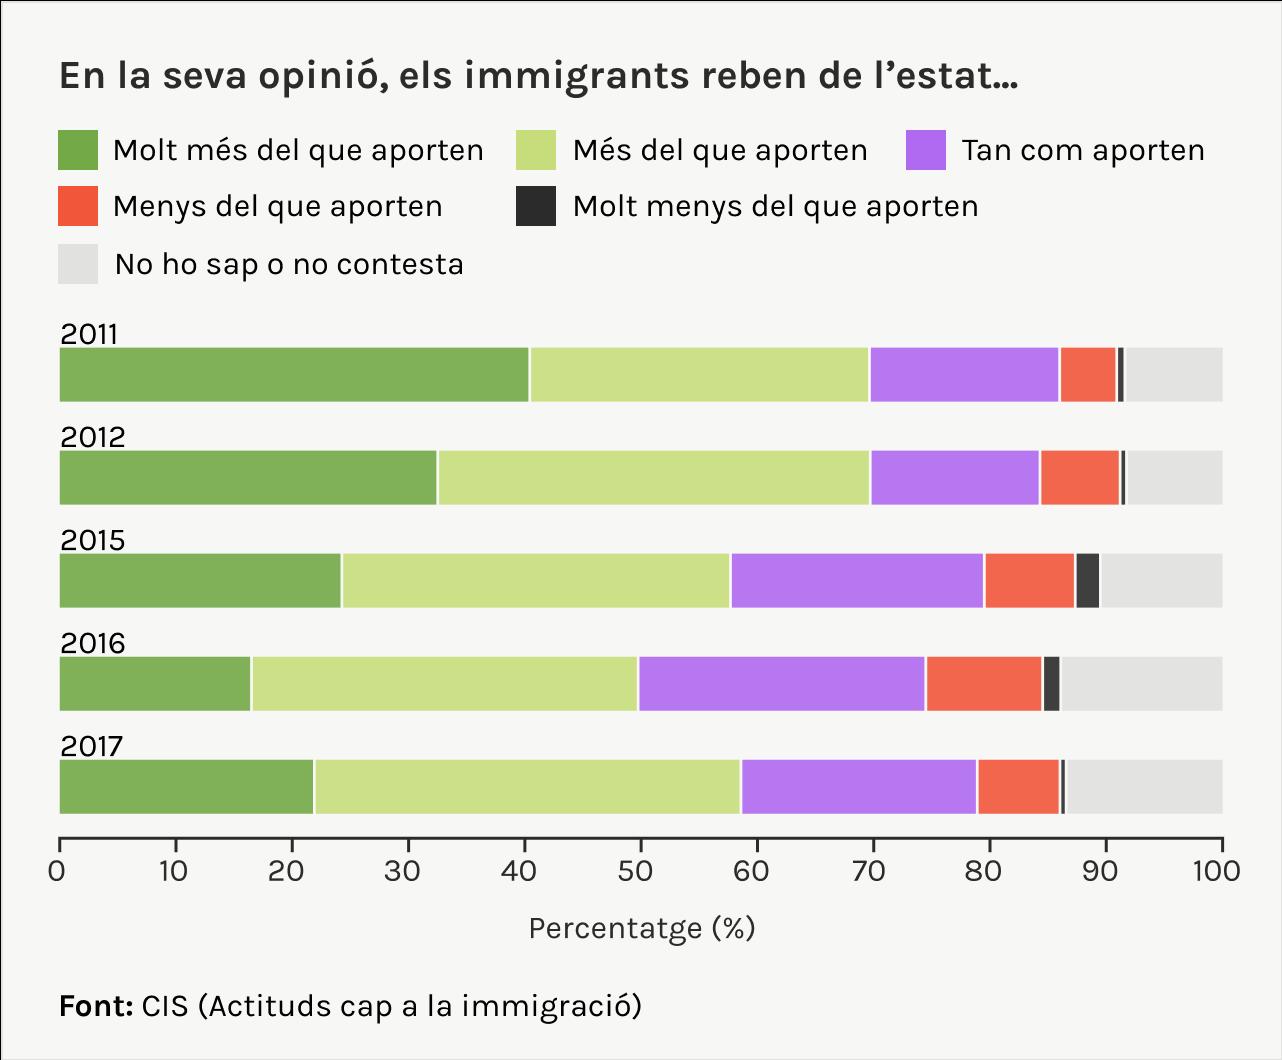 quan reben els migrants de l'estat